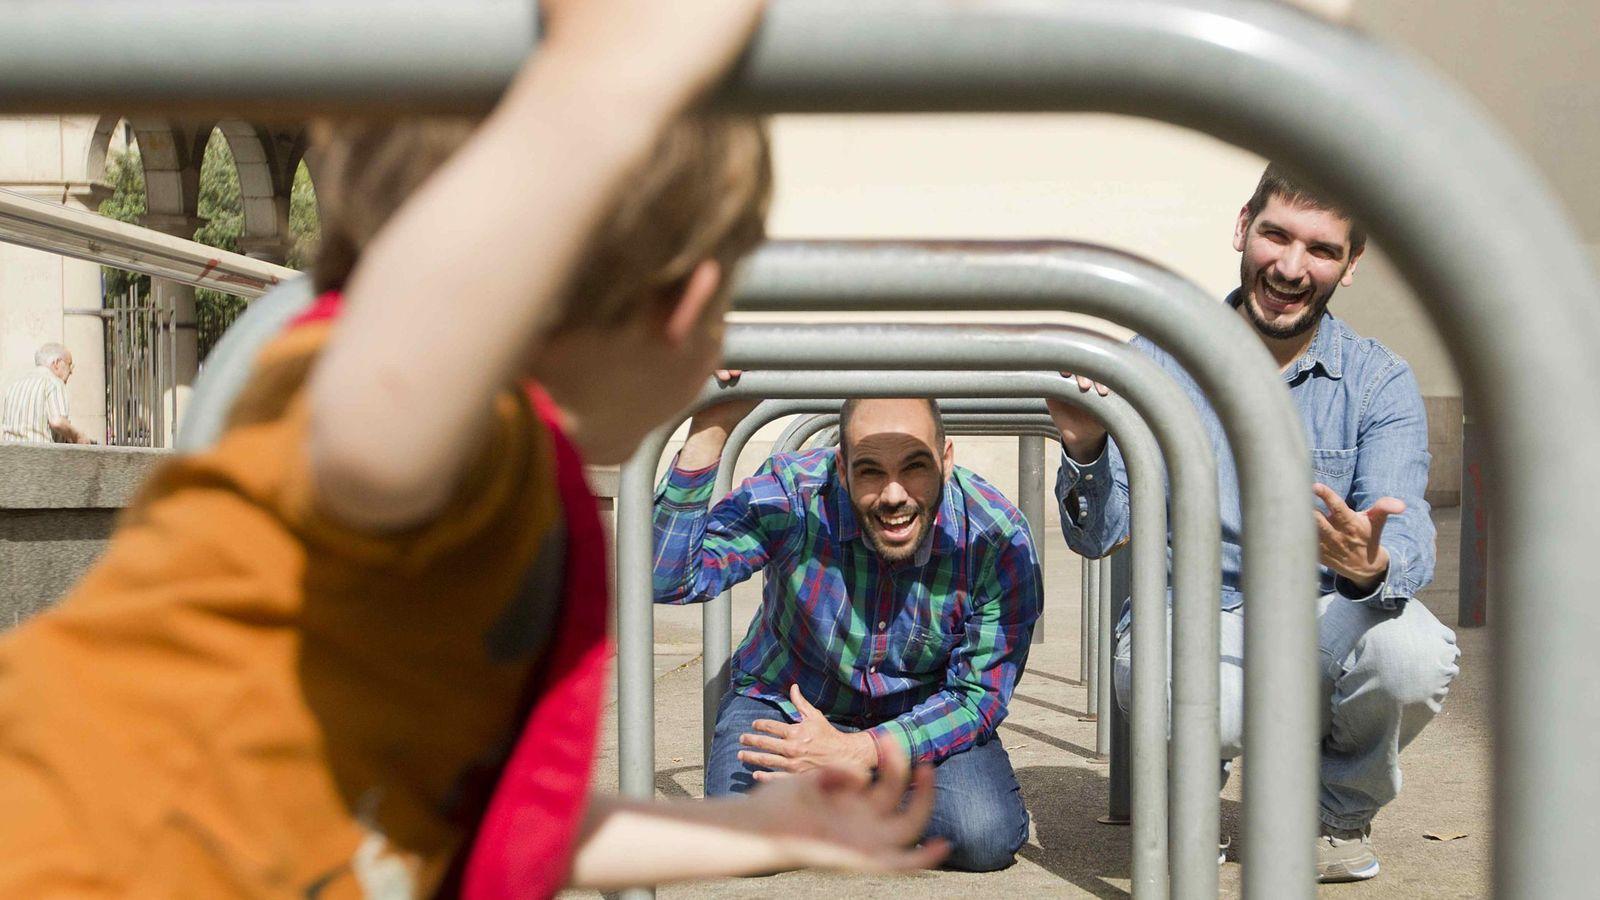 Foto: El deseo de Mario (d) y Sergio (i) por traer un hijo al mundo mediante la gestación subrogada, una práctica ilegal en España, les llevó a viajar a EEUU. (EFE)